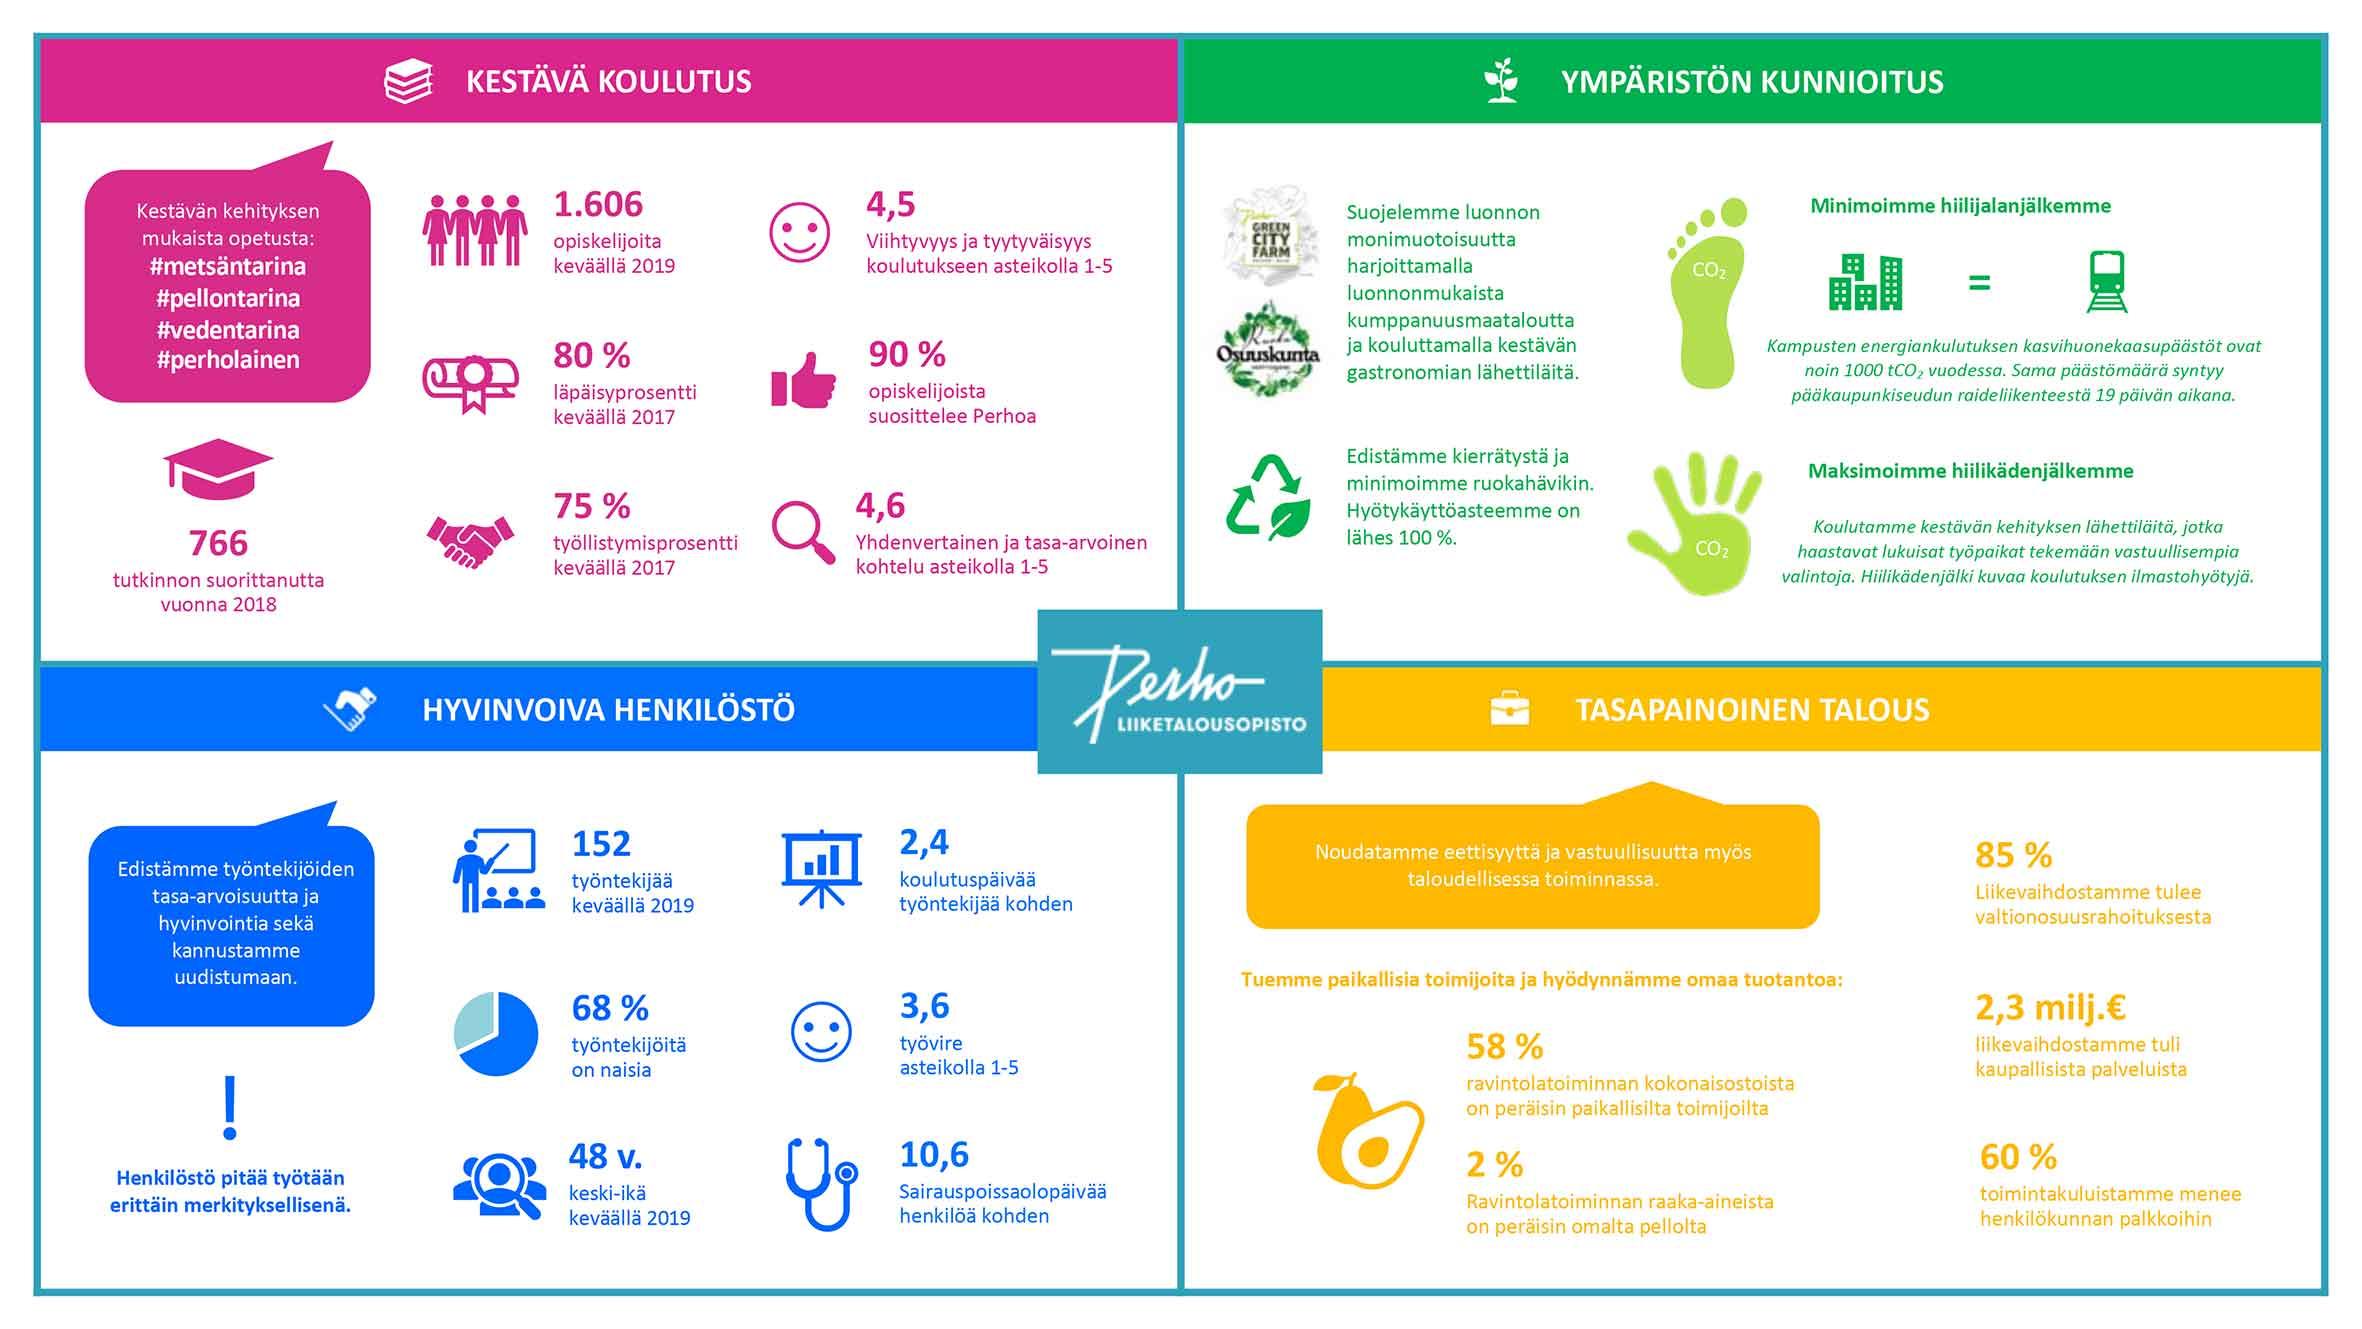 Vastuullisuusraportin 2017–2019 kakkossivuni nelikenttä: kestävä koulutus - ympäriston kunnioitus - hyvinvoiva henkilöstö - tasapainoinen talous